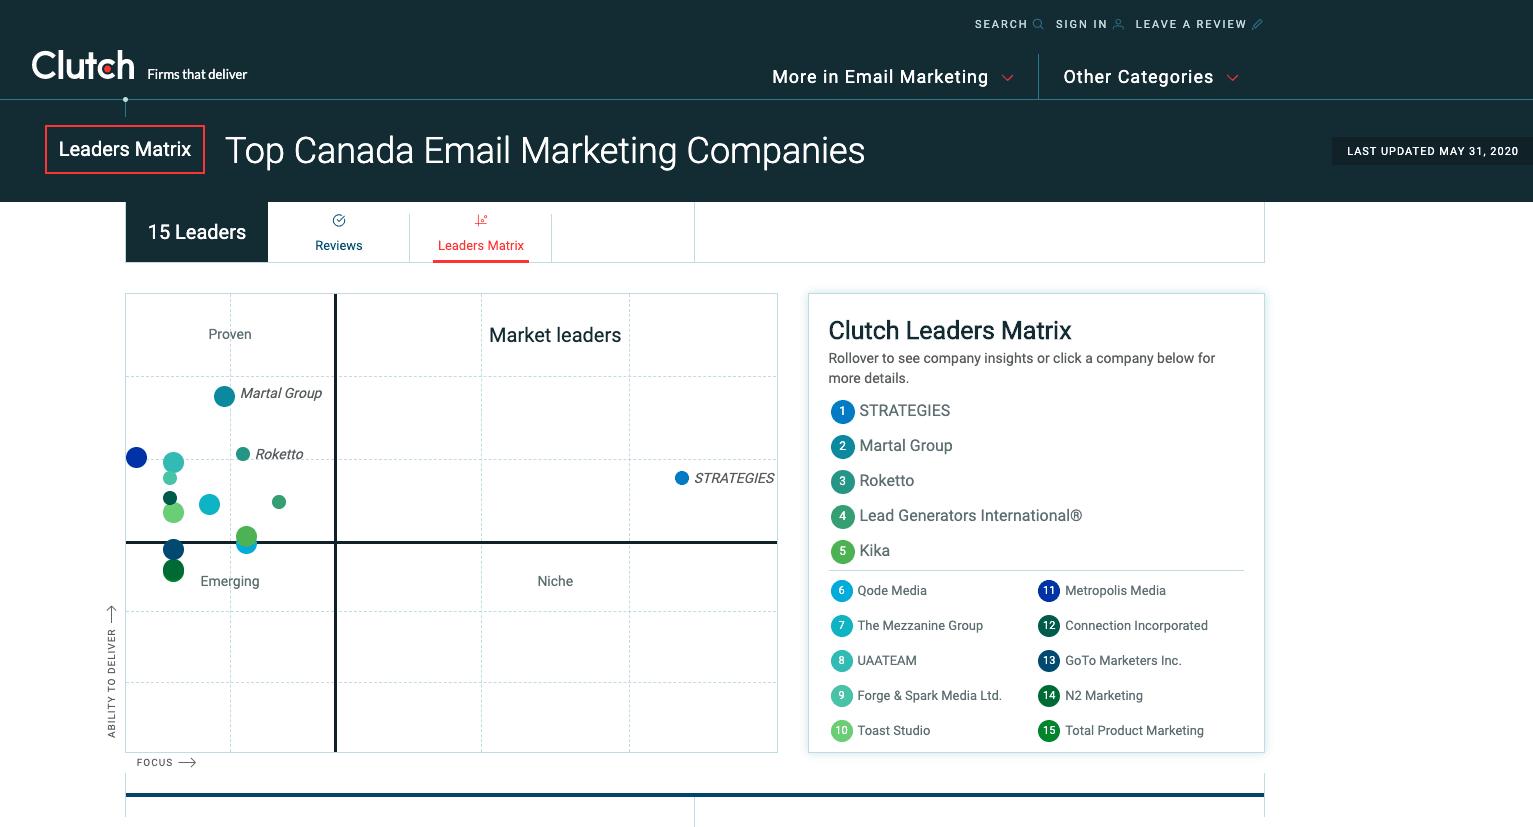 Stratégies classé Leader de marché en marketing courriel par Clutch